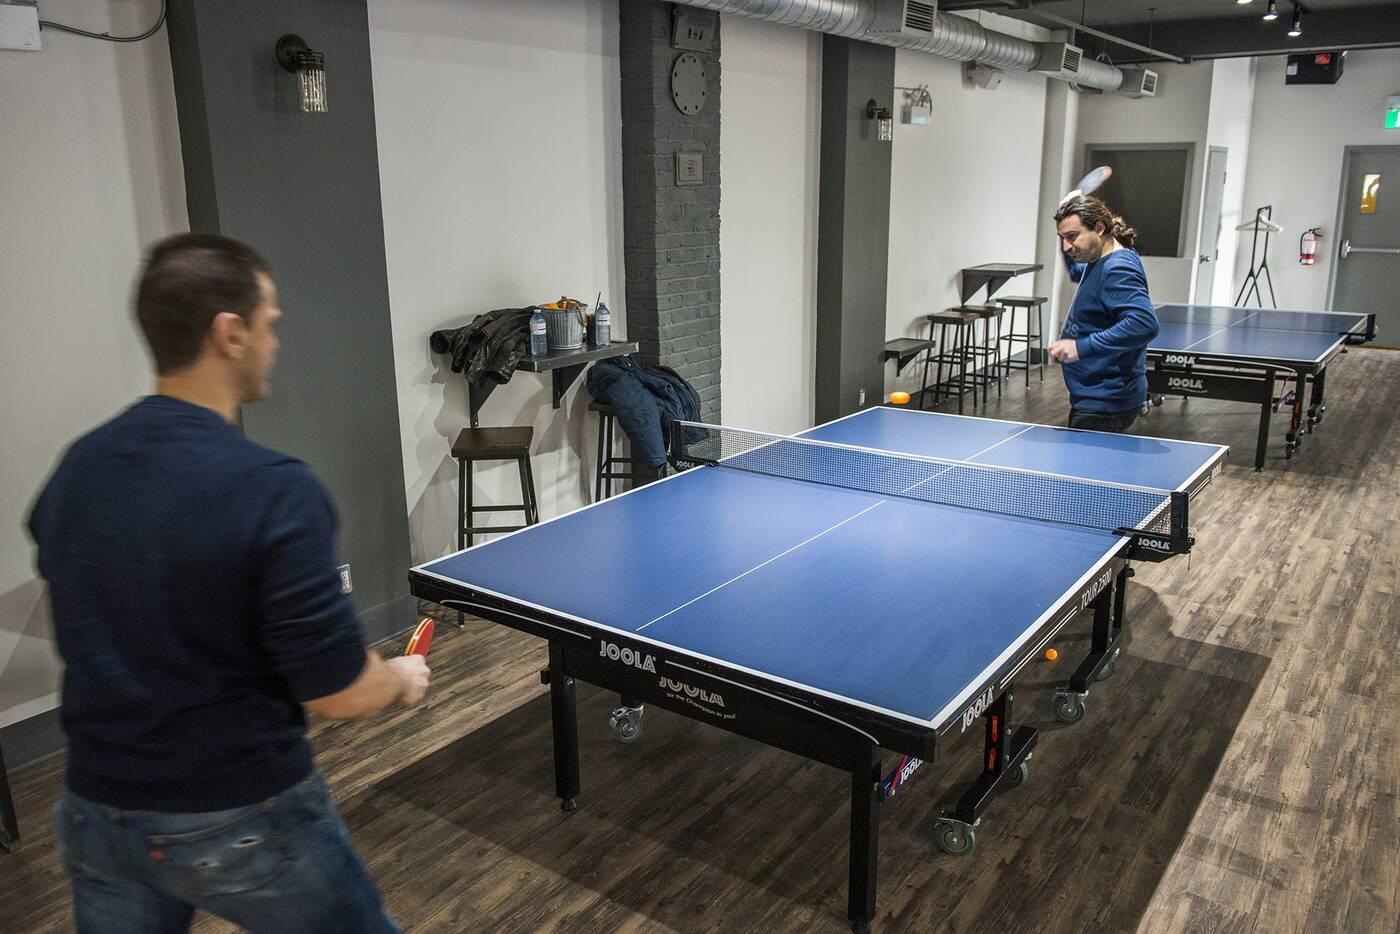 Smash Ping Pong Toronto